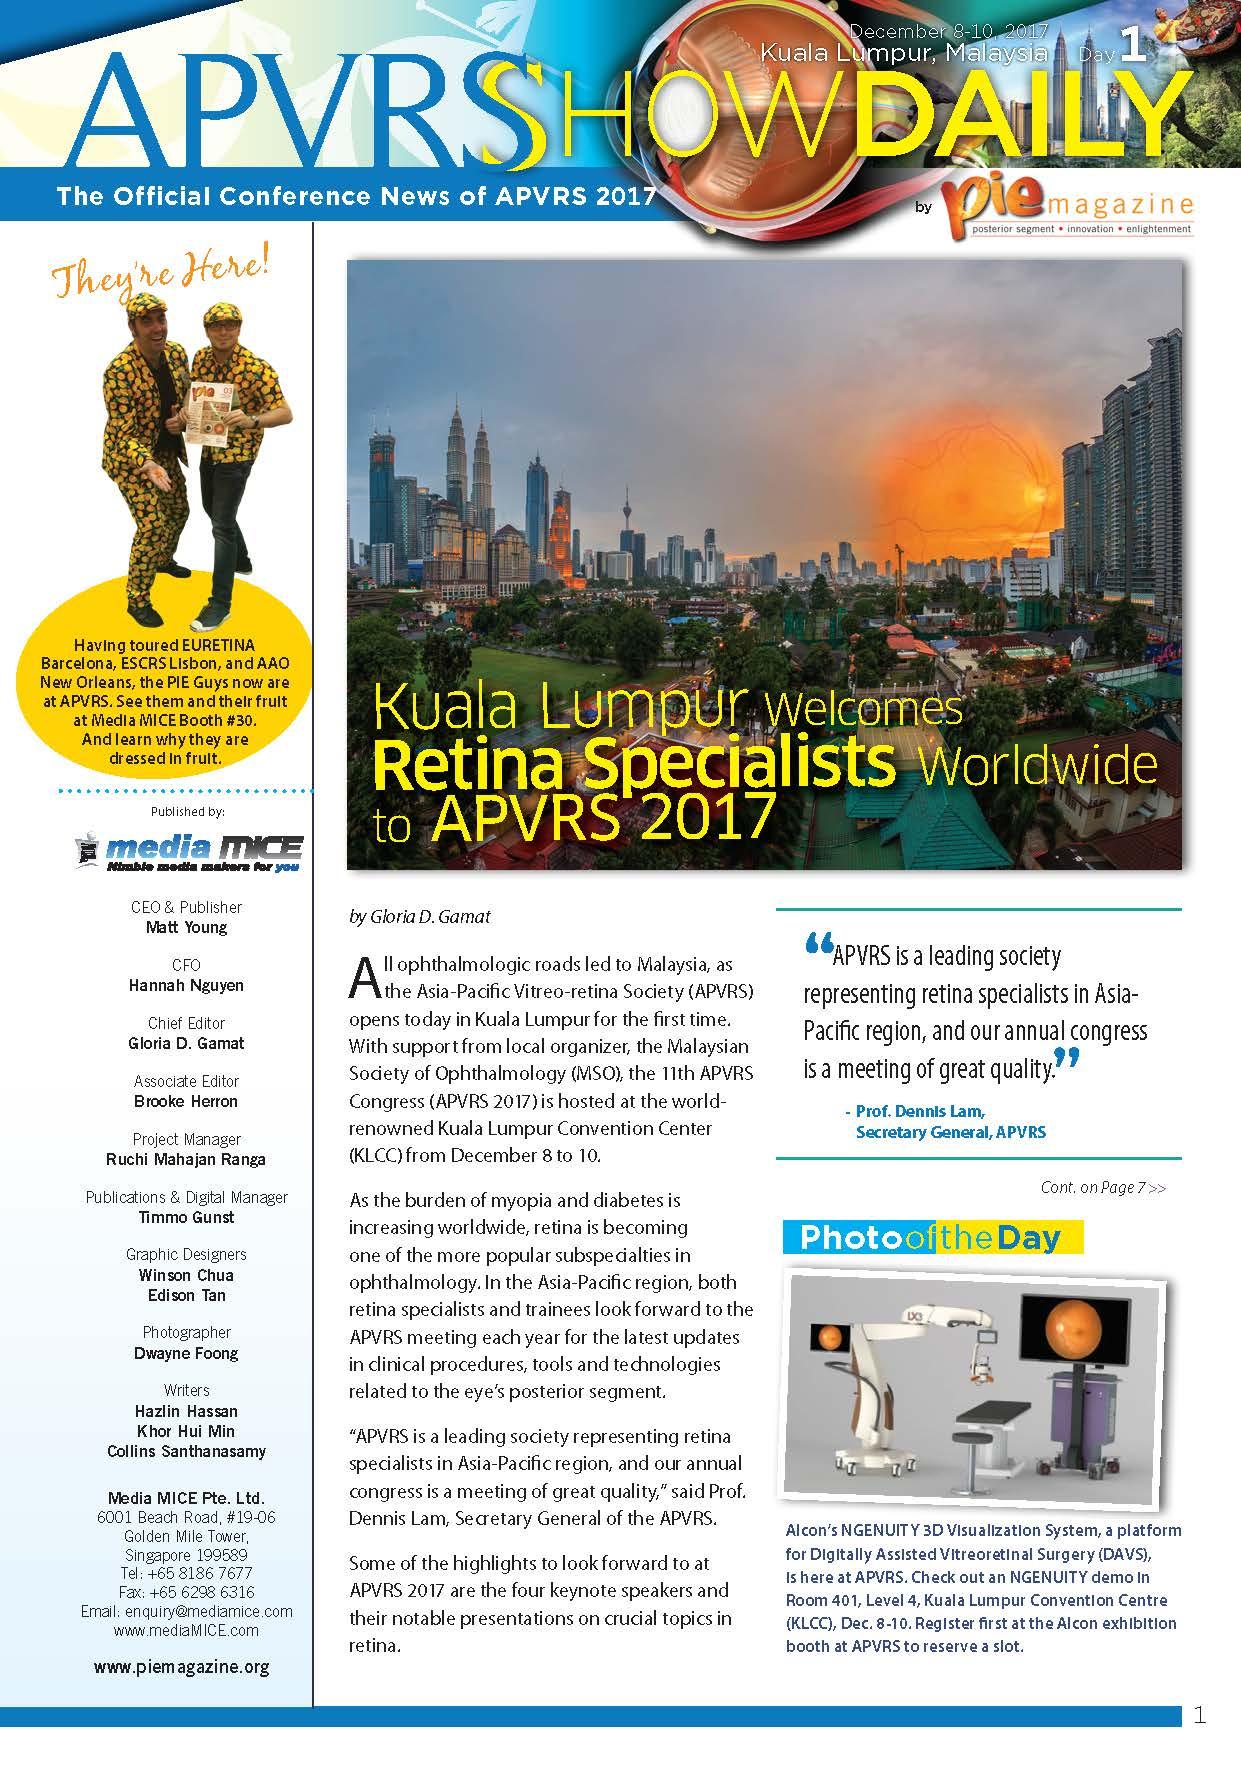 APVRS2017_ShowDaily Day1 issuu